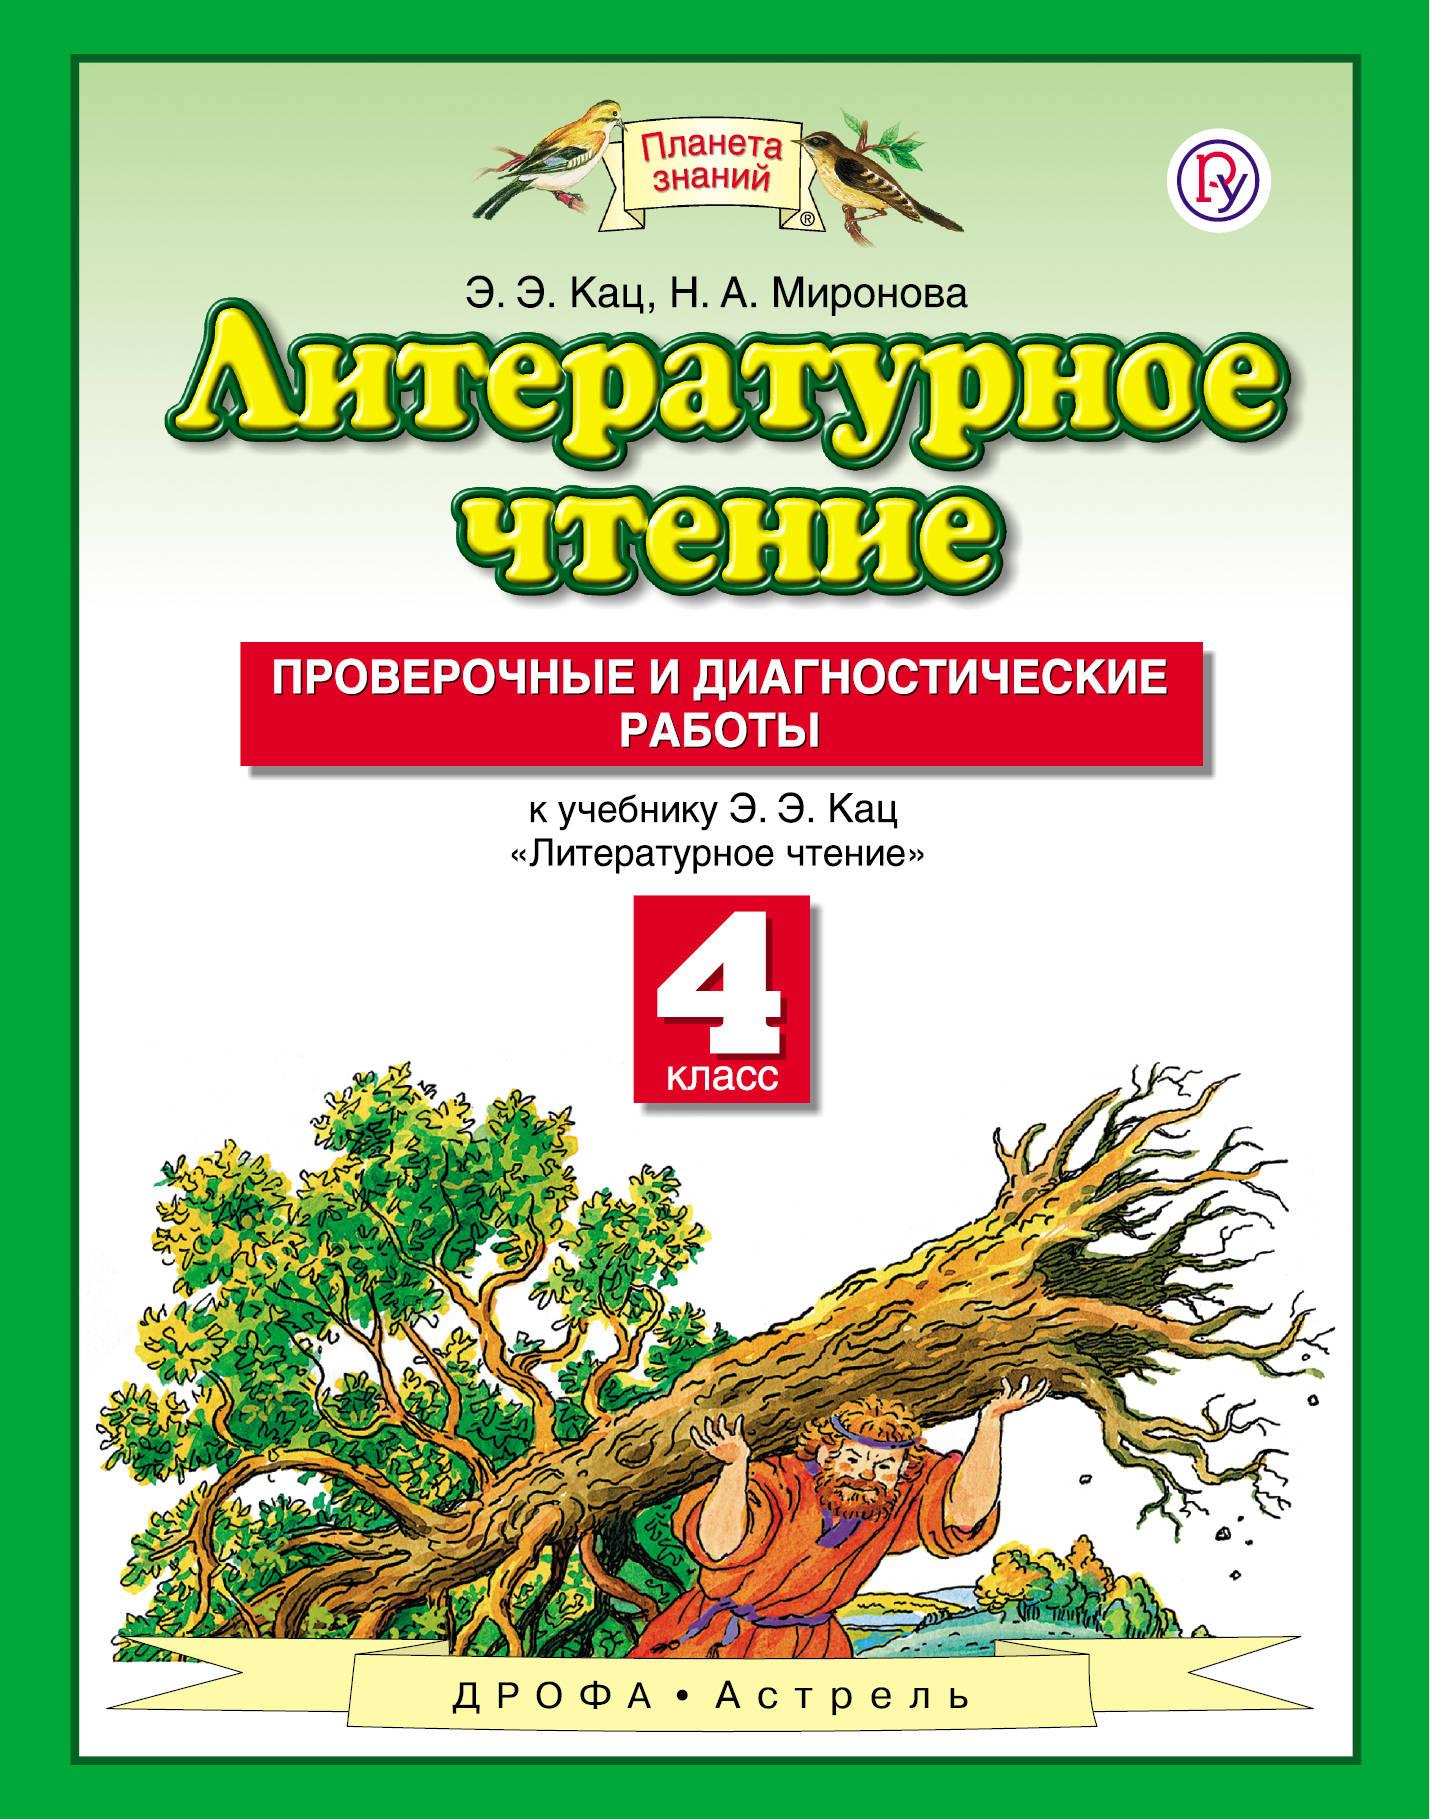 Литературное чтение. 4 класс. Проверочные и диагностические работы., Кац Элла Эльханоновна